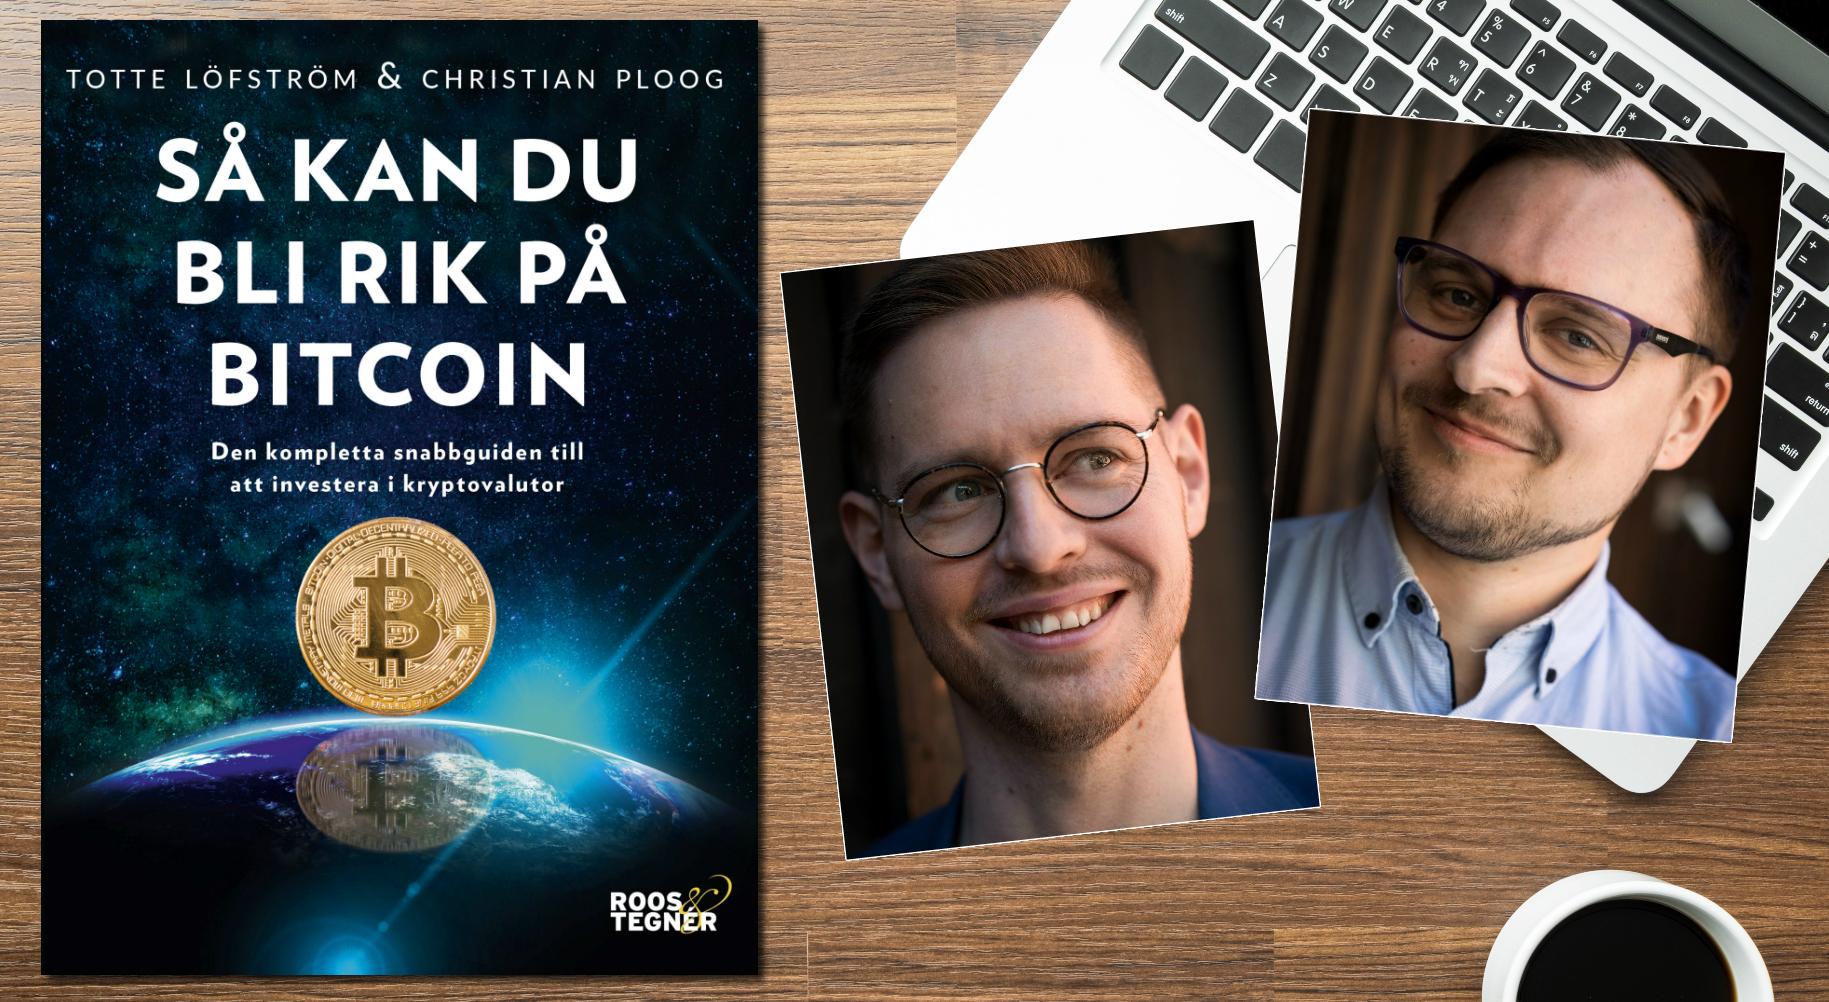 Så kan du bli rik på bitcoin: Den kompletta snabbguiden till att investera i kryptovalutor